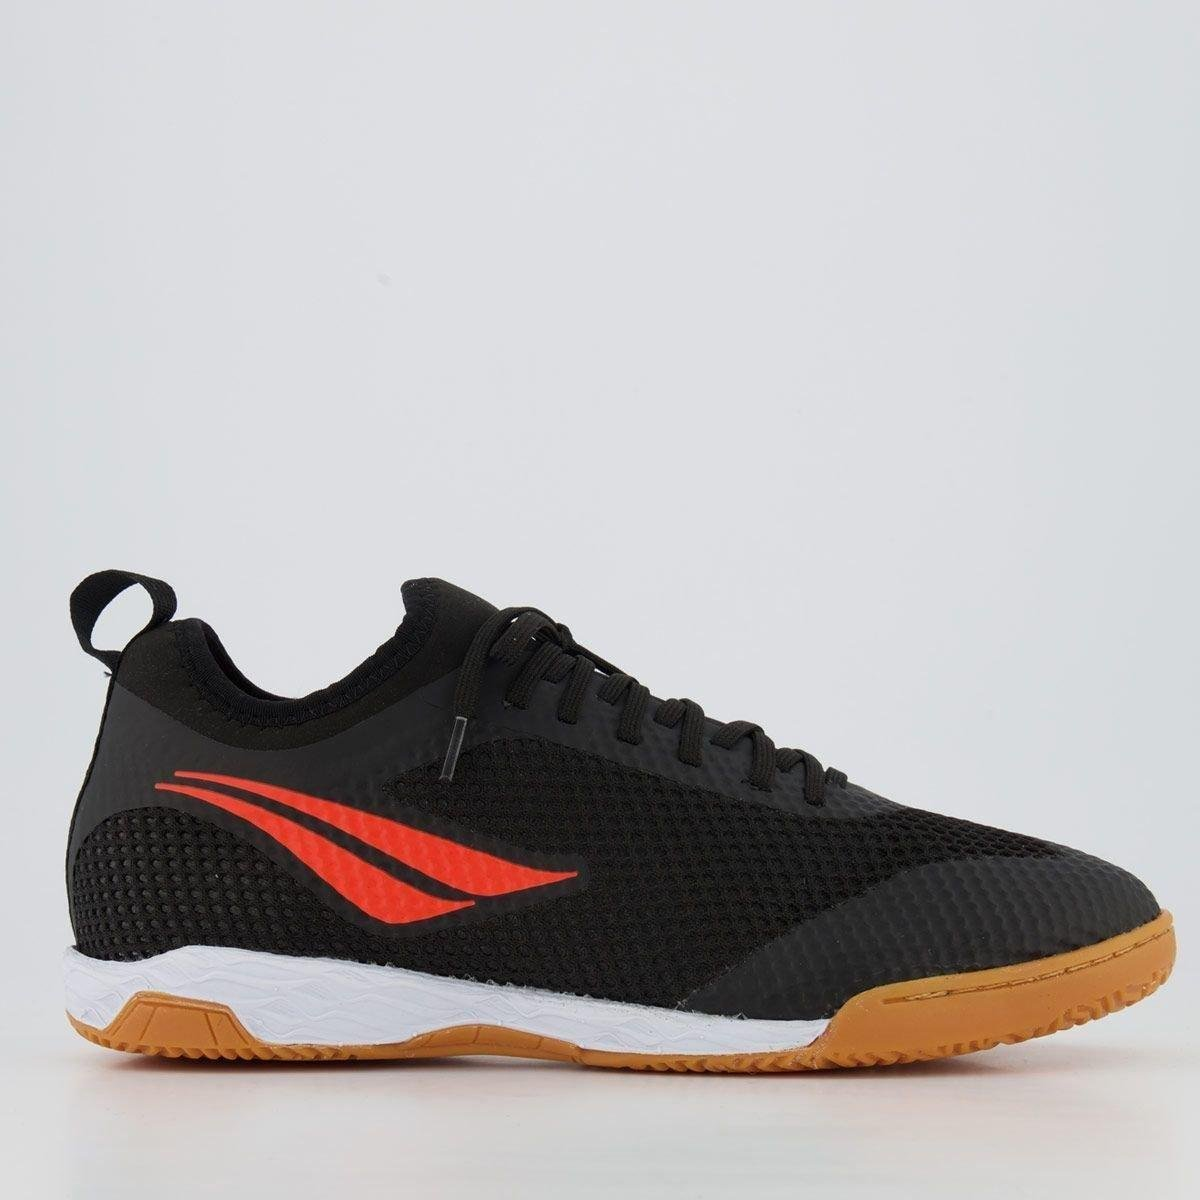 Tenis De Futsal Penalty Max 500 IX Locker  Botinha